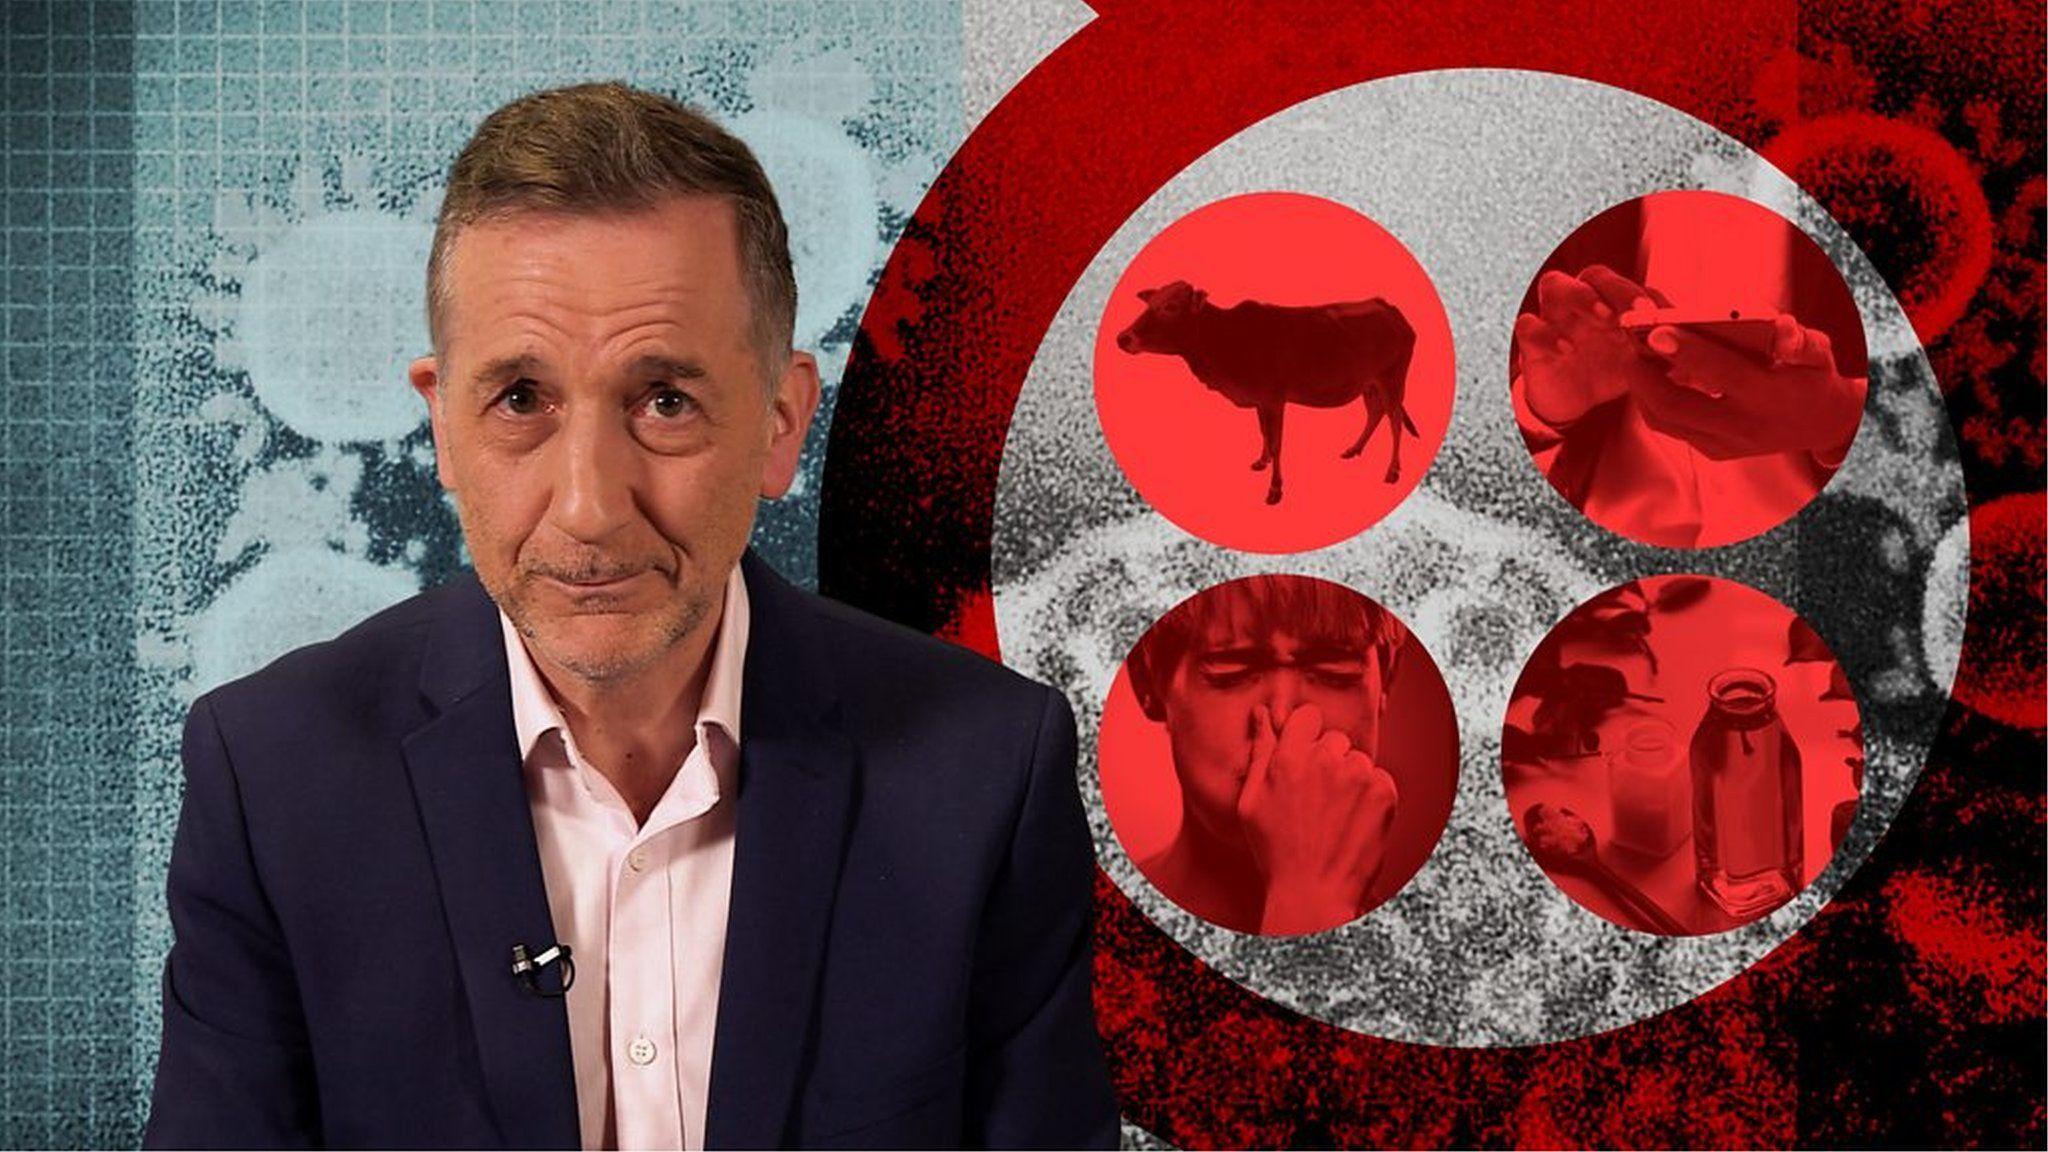 「息を止める」「牛の尿を飲む」? 新型ウイルスにまつわるニセ情報